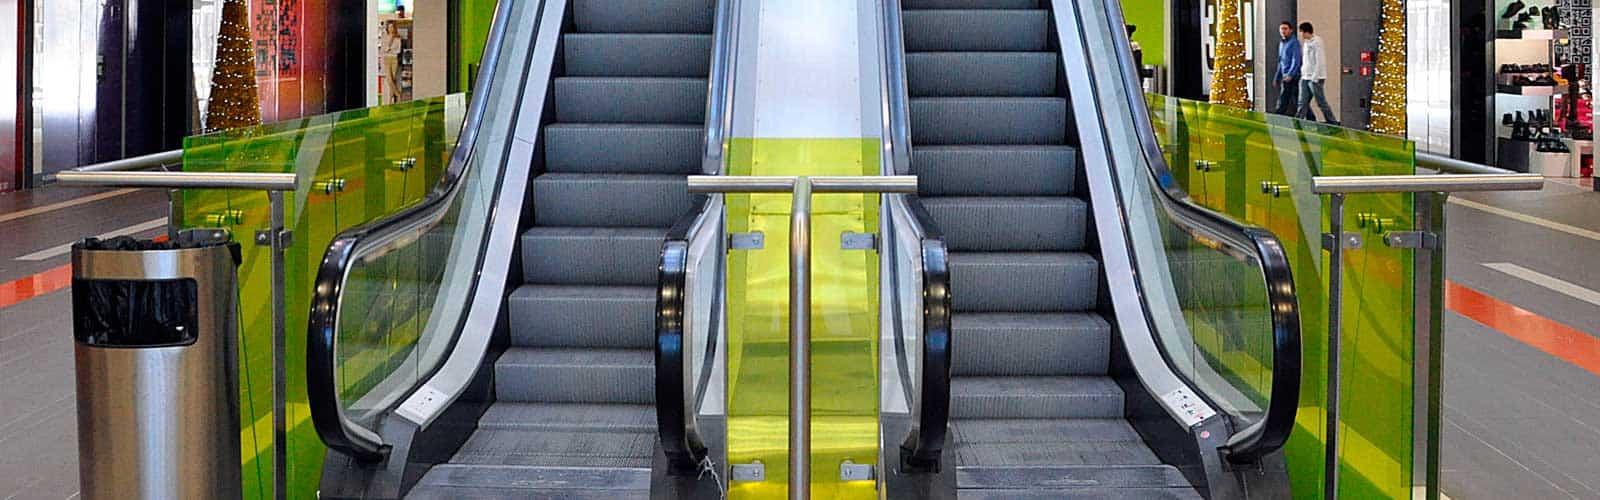 escaleras mecanicas centro comercial